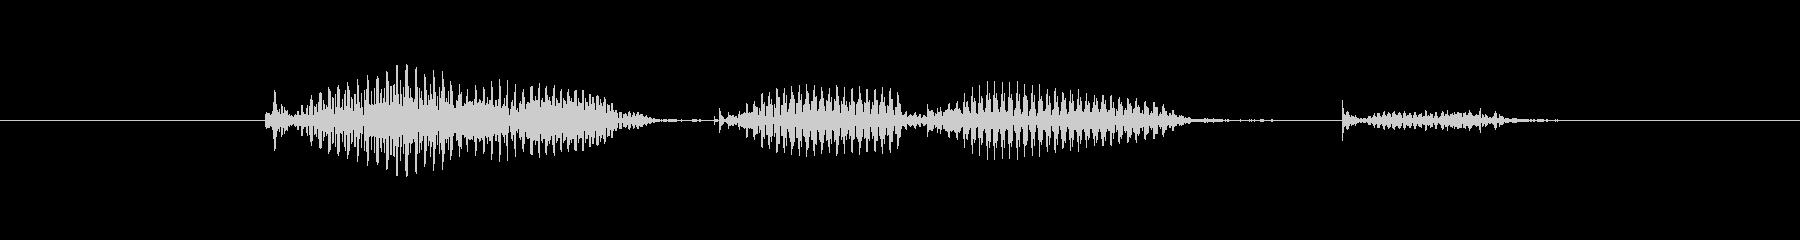 コンプリートの未再生の波形